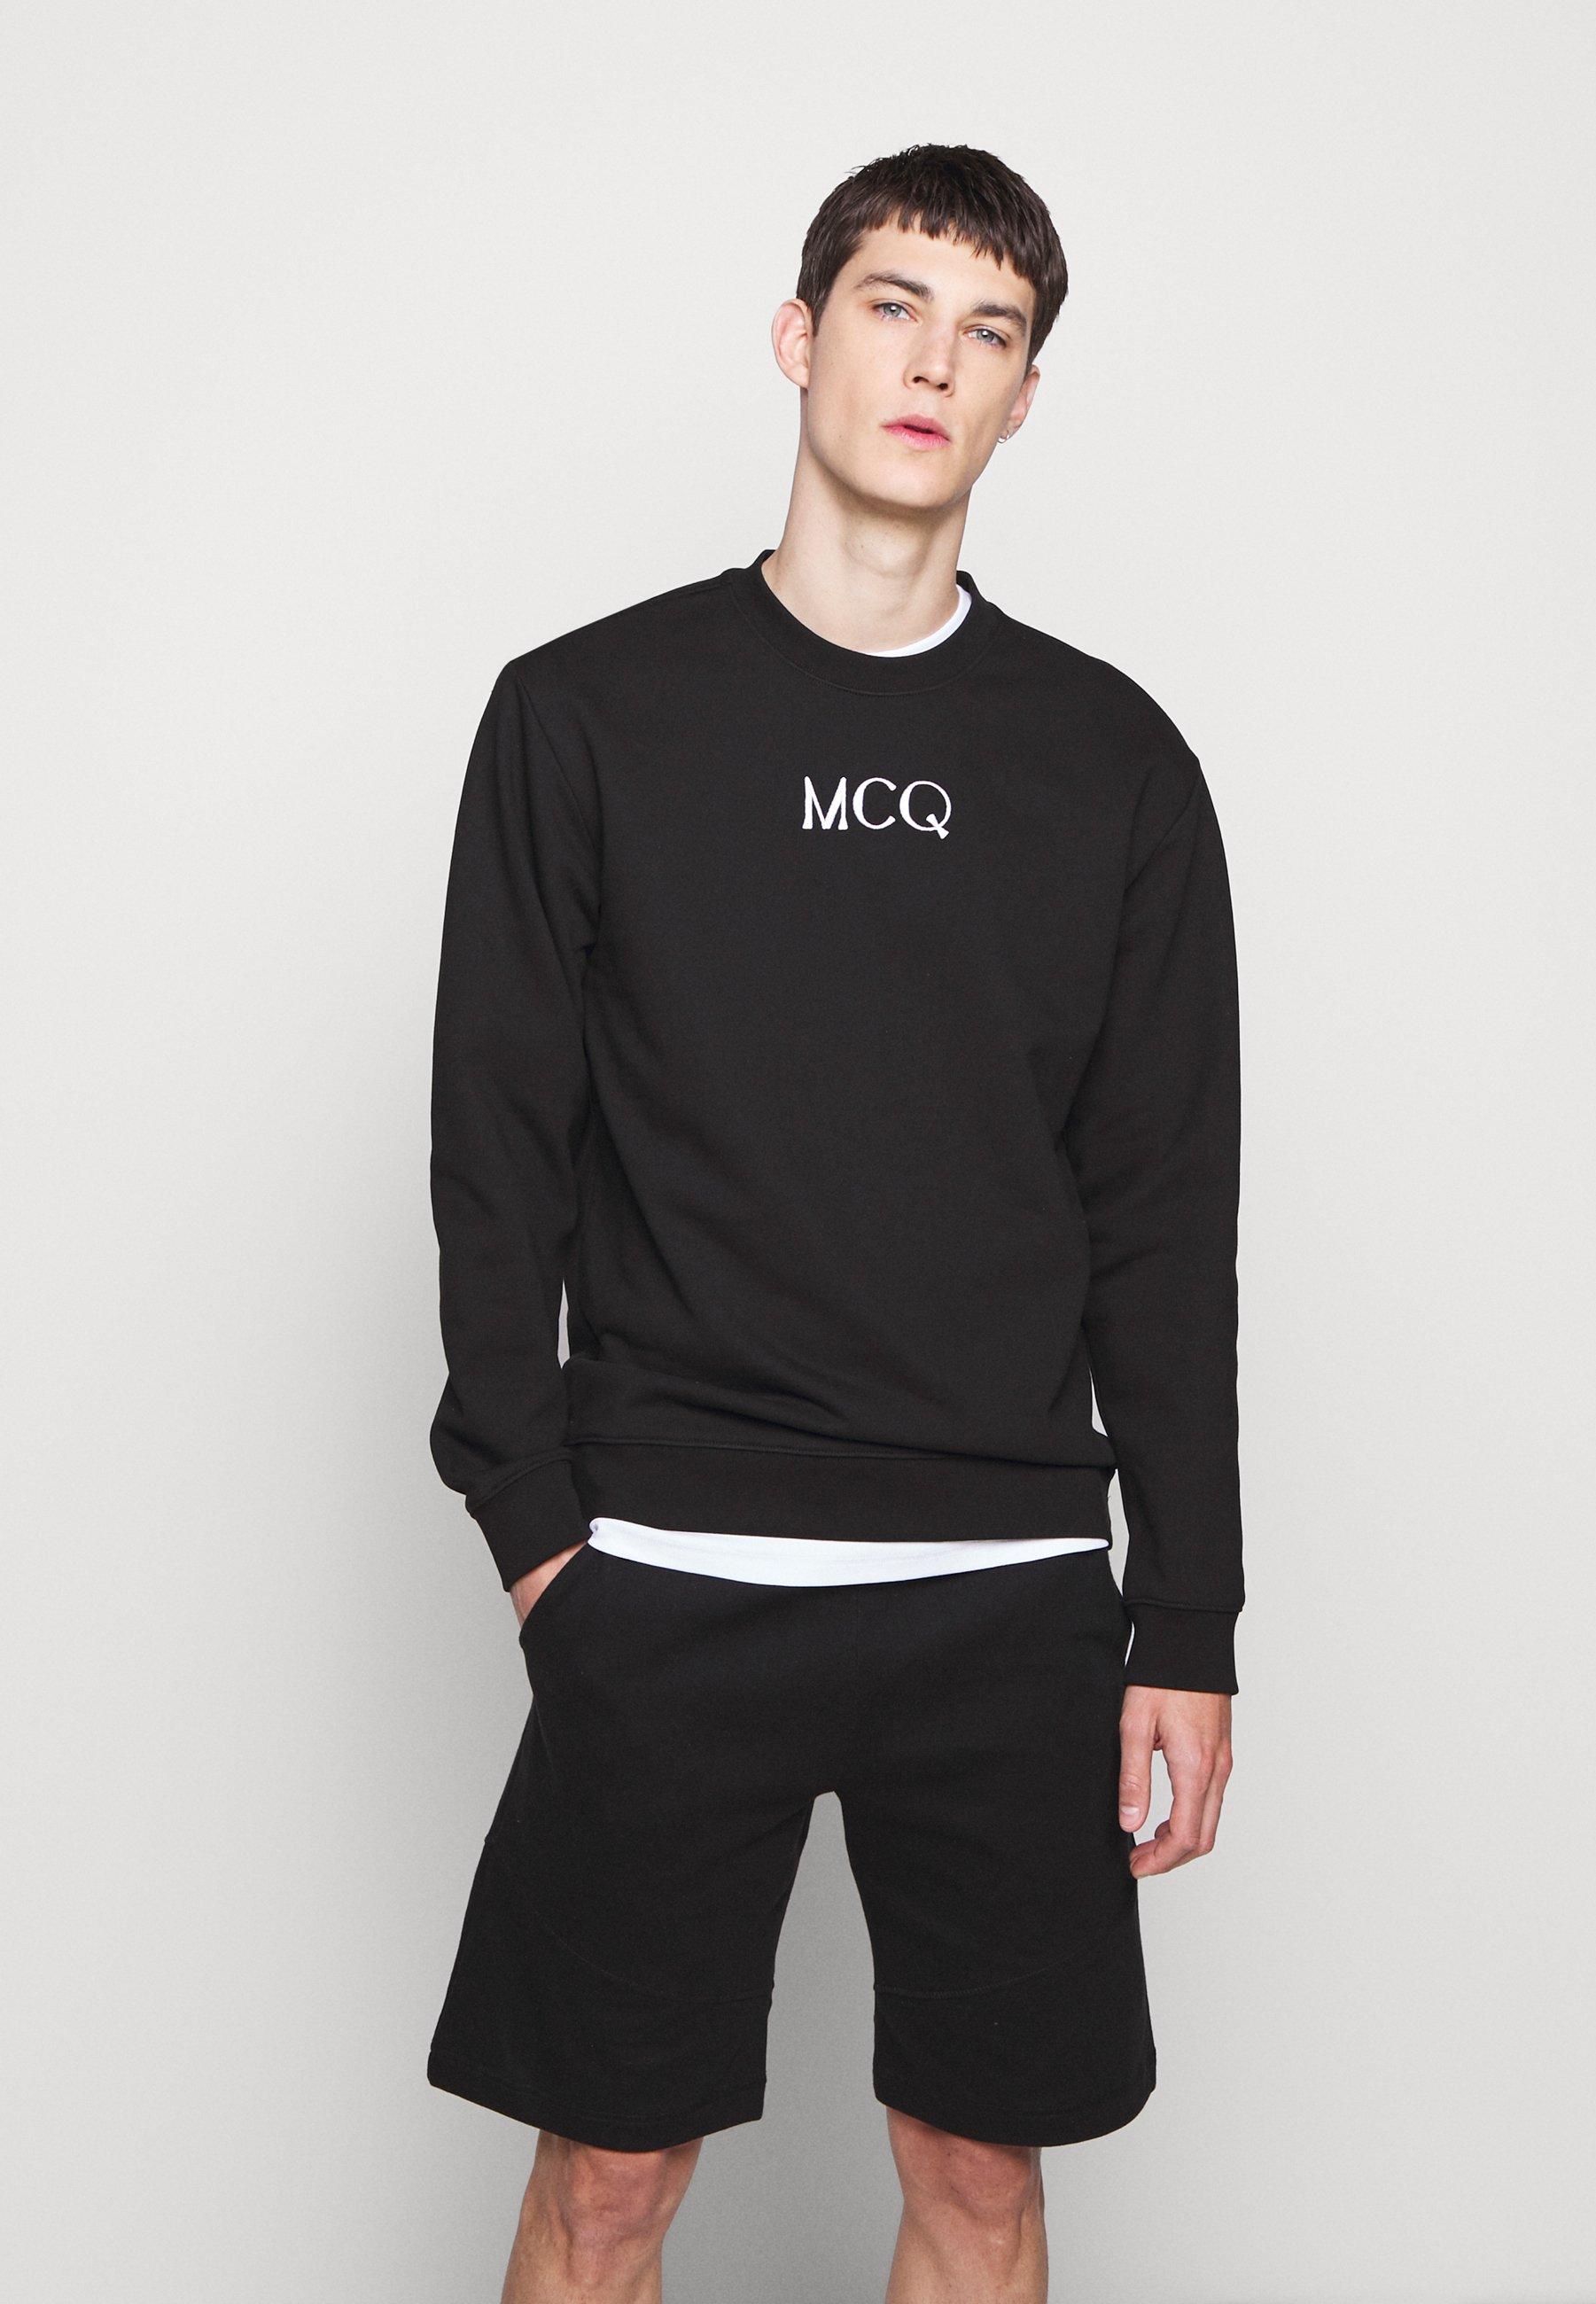 McQ Alexander McQueen Bluza - darkest black